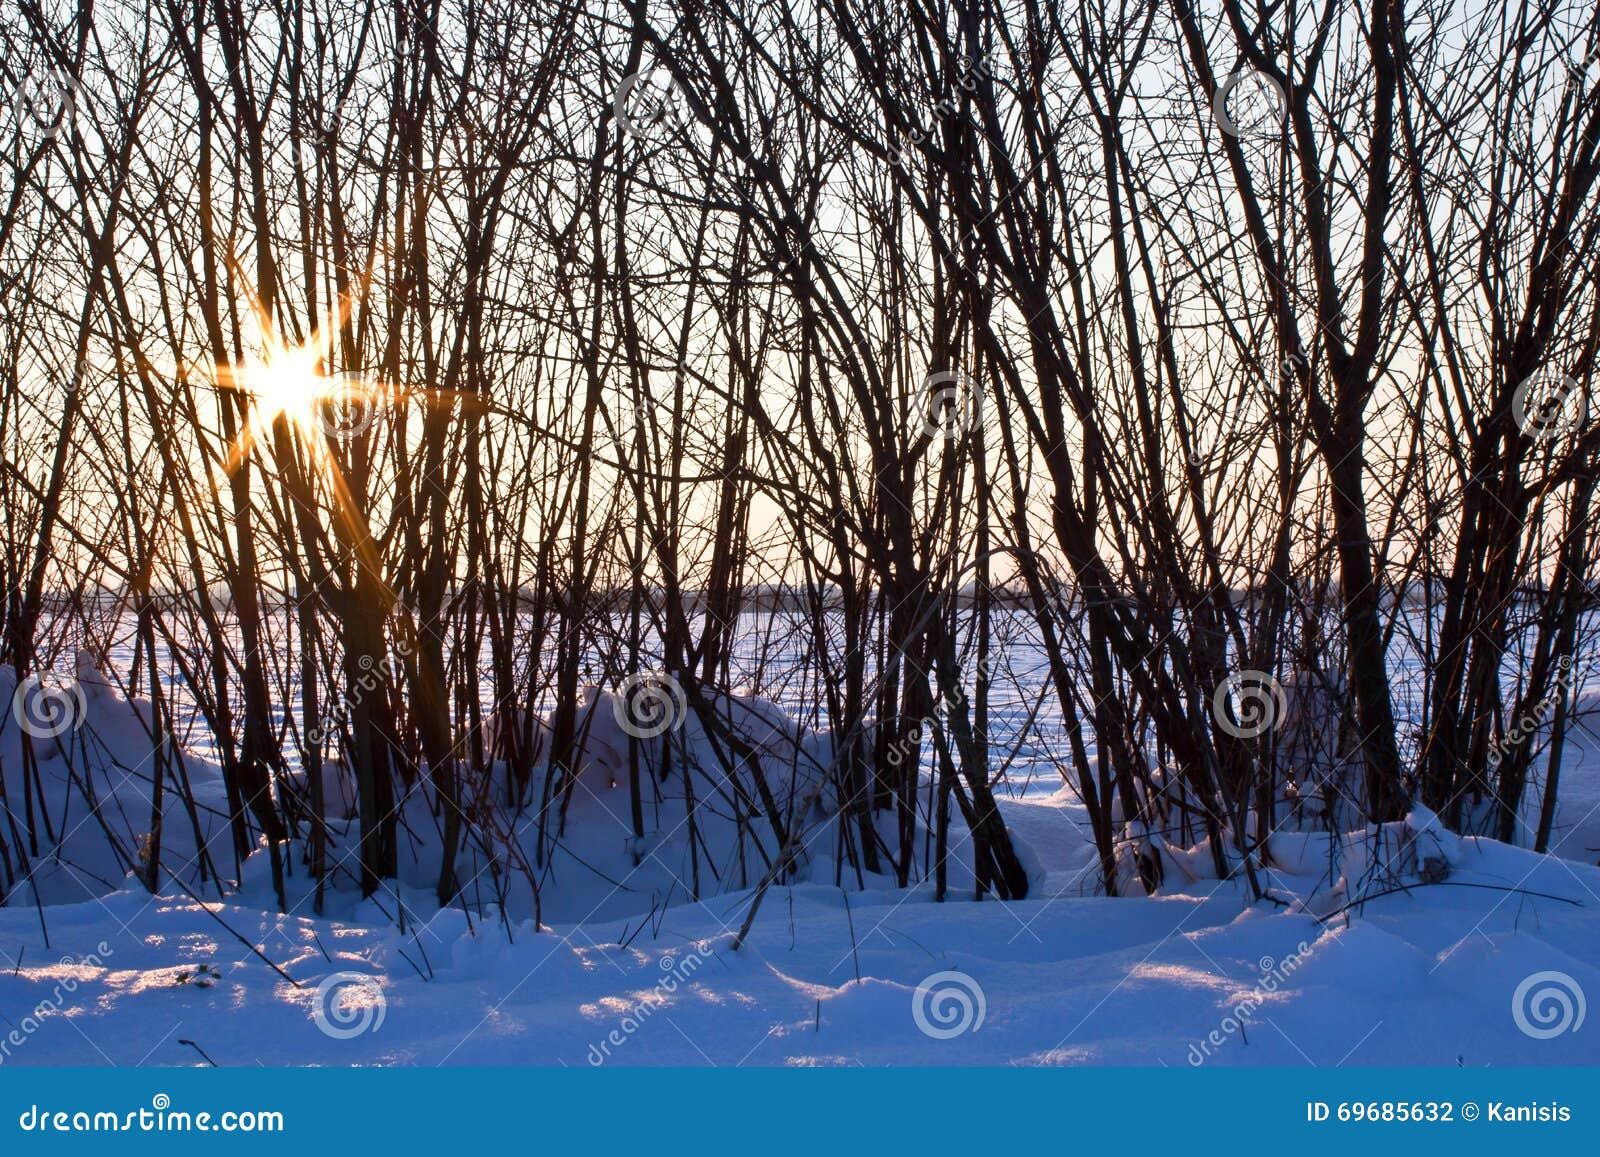 Wintersonne, die durch kahlen Baum im Schnee bricht